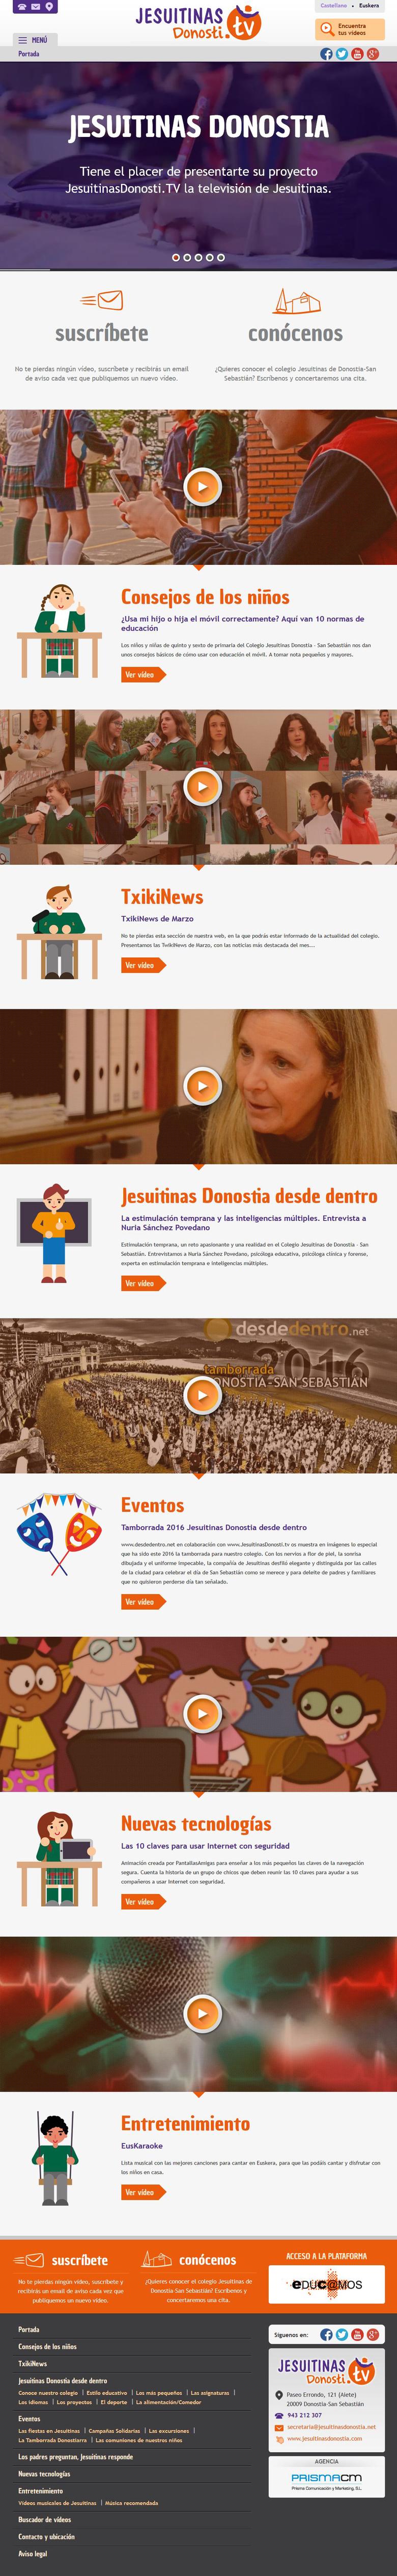 WEB | Jesuitinas Televisión